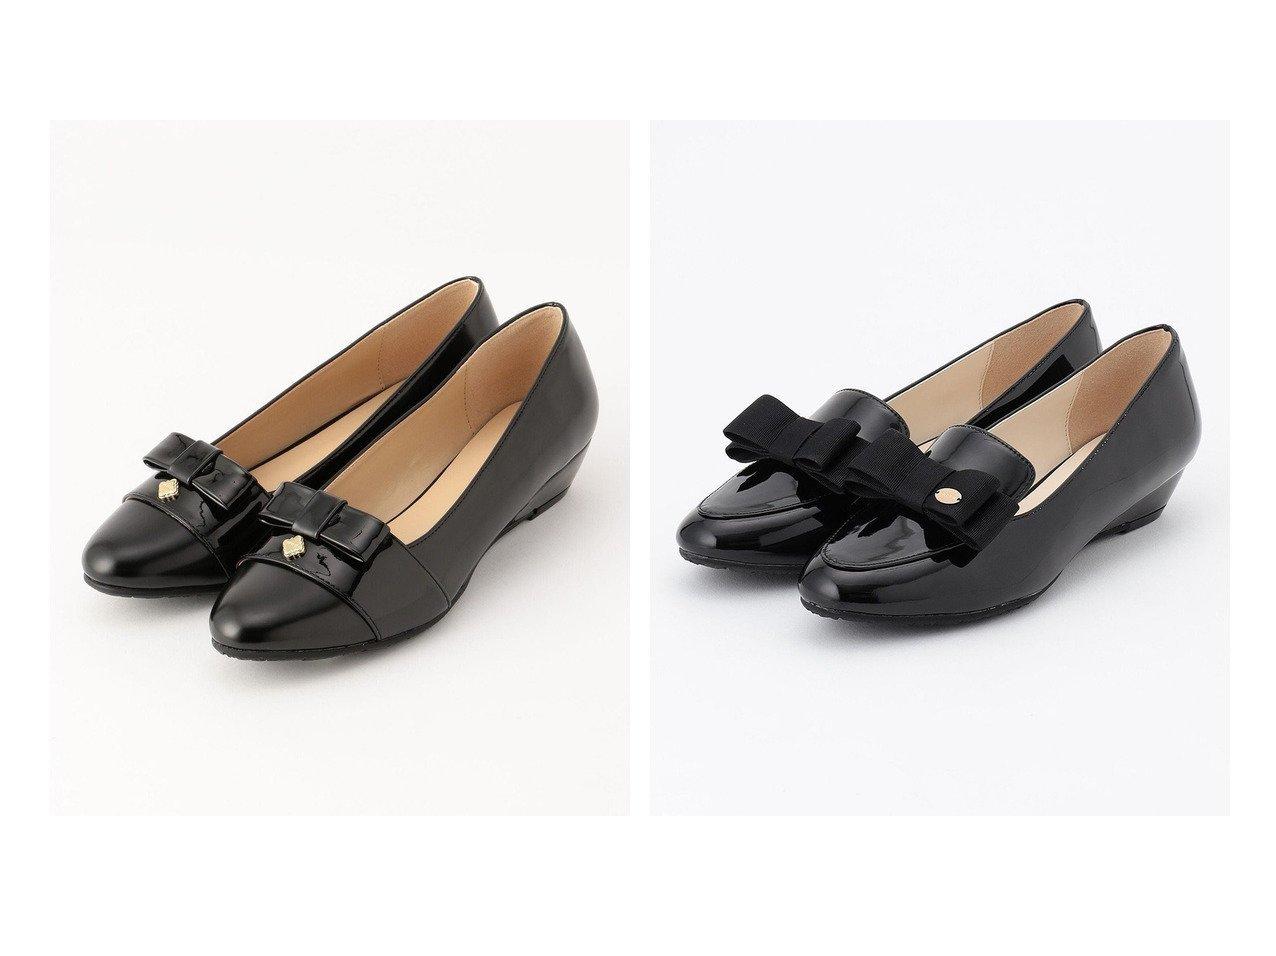 【TOCCA/トッカ】の【再入荷!】RAIN FLAT PUMPS レインパンプス&RIBBON LOAFER RAINSHOES レインシューズ 【シューズ・靴】おすすめ!人気トレンド・レディースファッション通販 おすすめで人気の流行・トレンド、ファッションの通販商品 インテリア・家具・メンズファッション・キッズファッション・レディースファッション・服の通販 founy(ファニー) https://founy.com/ ファッション Fashion レディースファッション WOMEN 送料無料 Free Shipping A/W・秋冬 AW・Autumn/Winter・FW・Fall-Winter 冬 Winter シューズ フェミニン フラット フロント リボン 再入荷 Restock/Back in Stock/Re Arrival エナメル メタル 2021年 2021 S/S・春夏 SS・Spring/Summer 2021春夏・S/S SS/Spring/Summer/2021 夏 Summer  ID:crp329100000046889